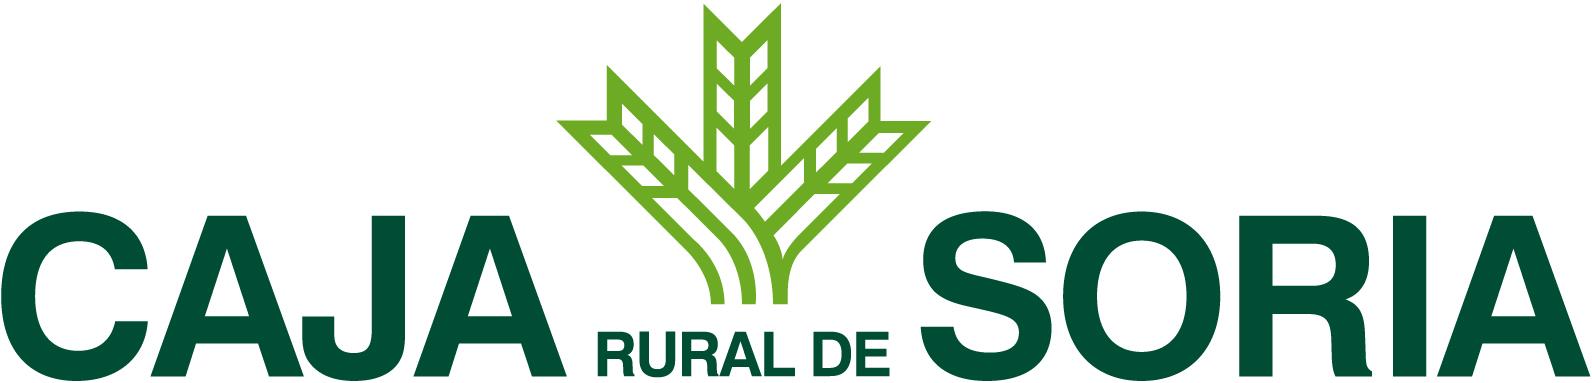 Caja rural de betxi prestamos personales cofidis for Caja rural de teruel oficinas